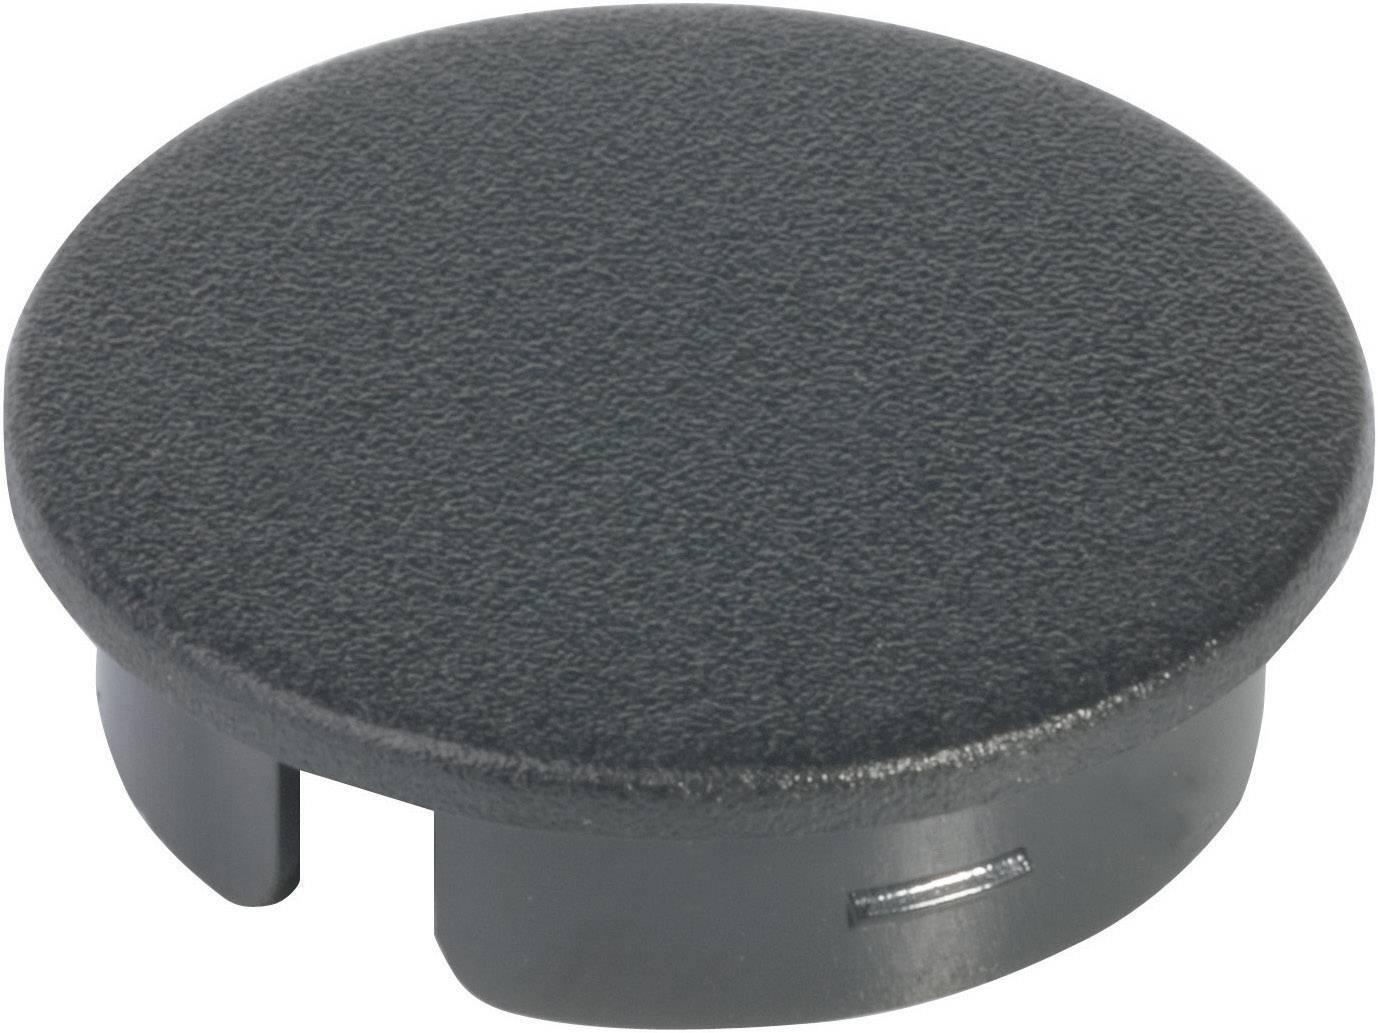 Krytka na otočný knoflík s ukazatelem OKW, pro knoflíky/O 16 mm, černá